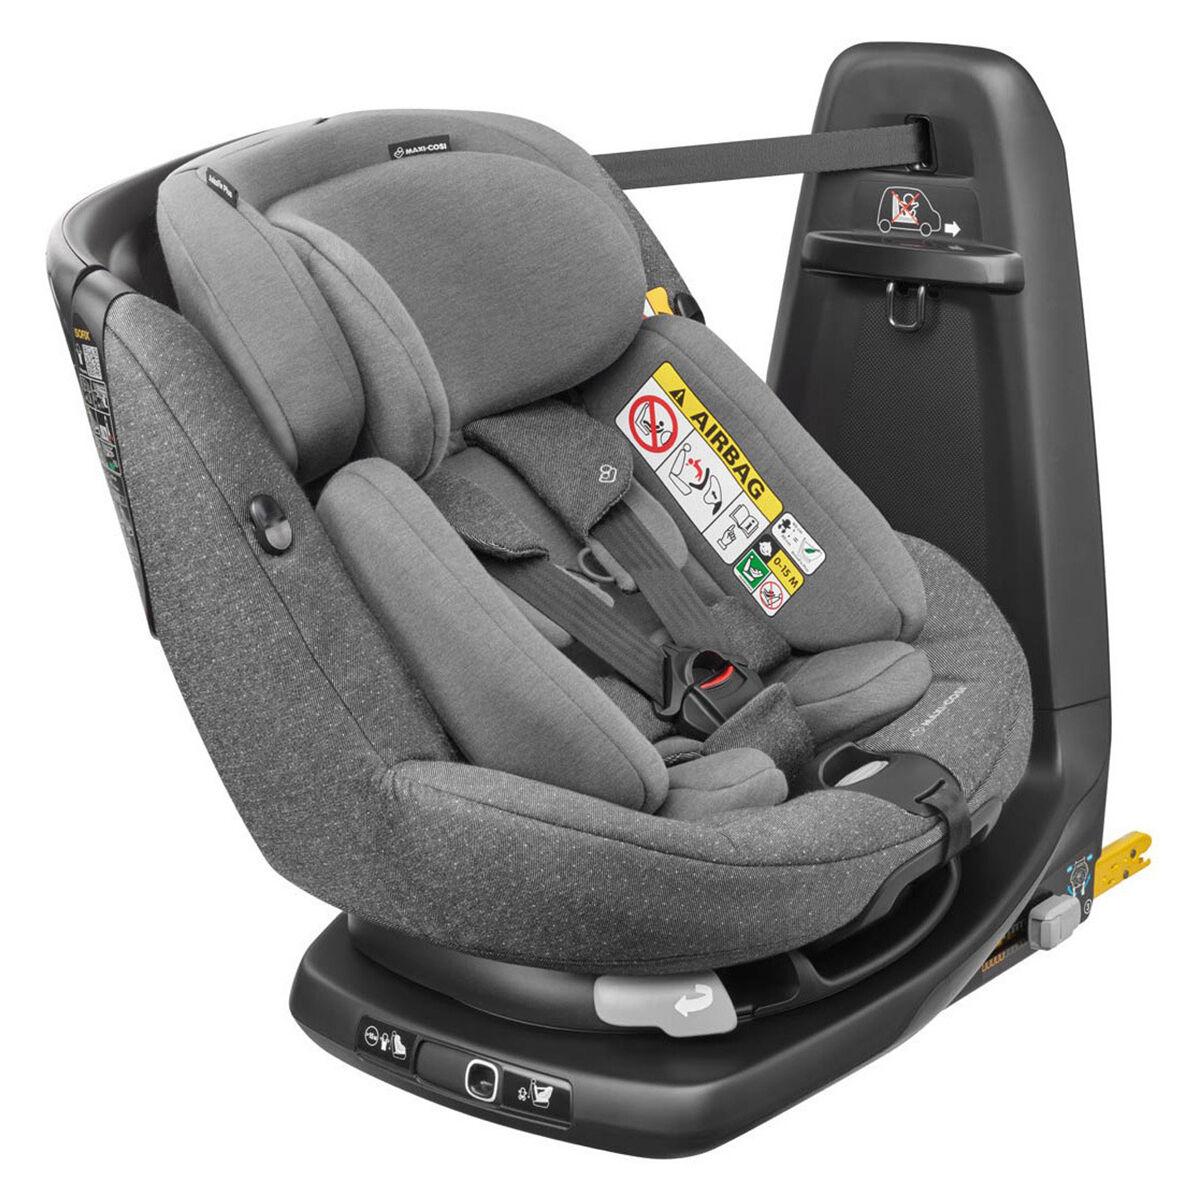 Bébé Confort Siège Auto AxissFix Plus i-Size Groupe 0+/1 - Sparkling Grey